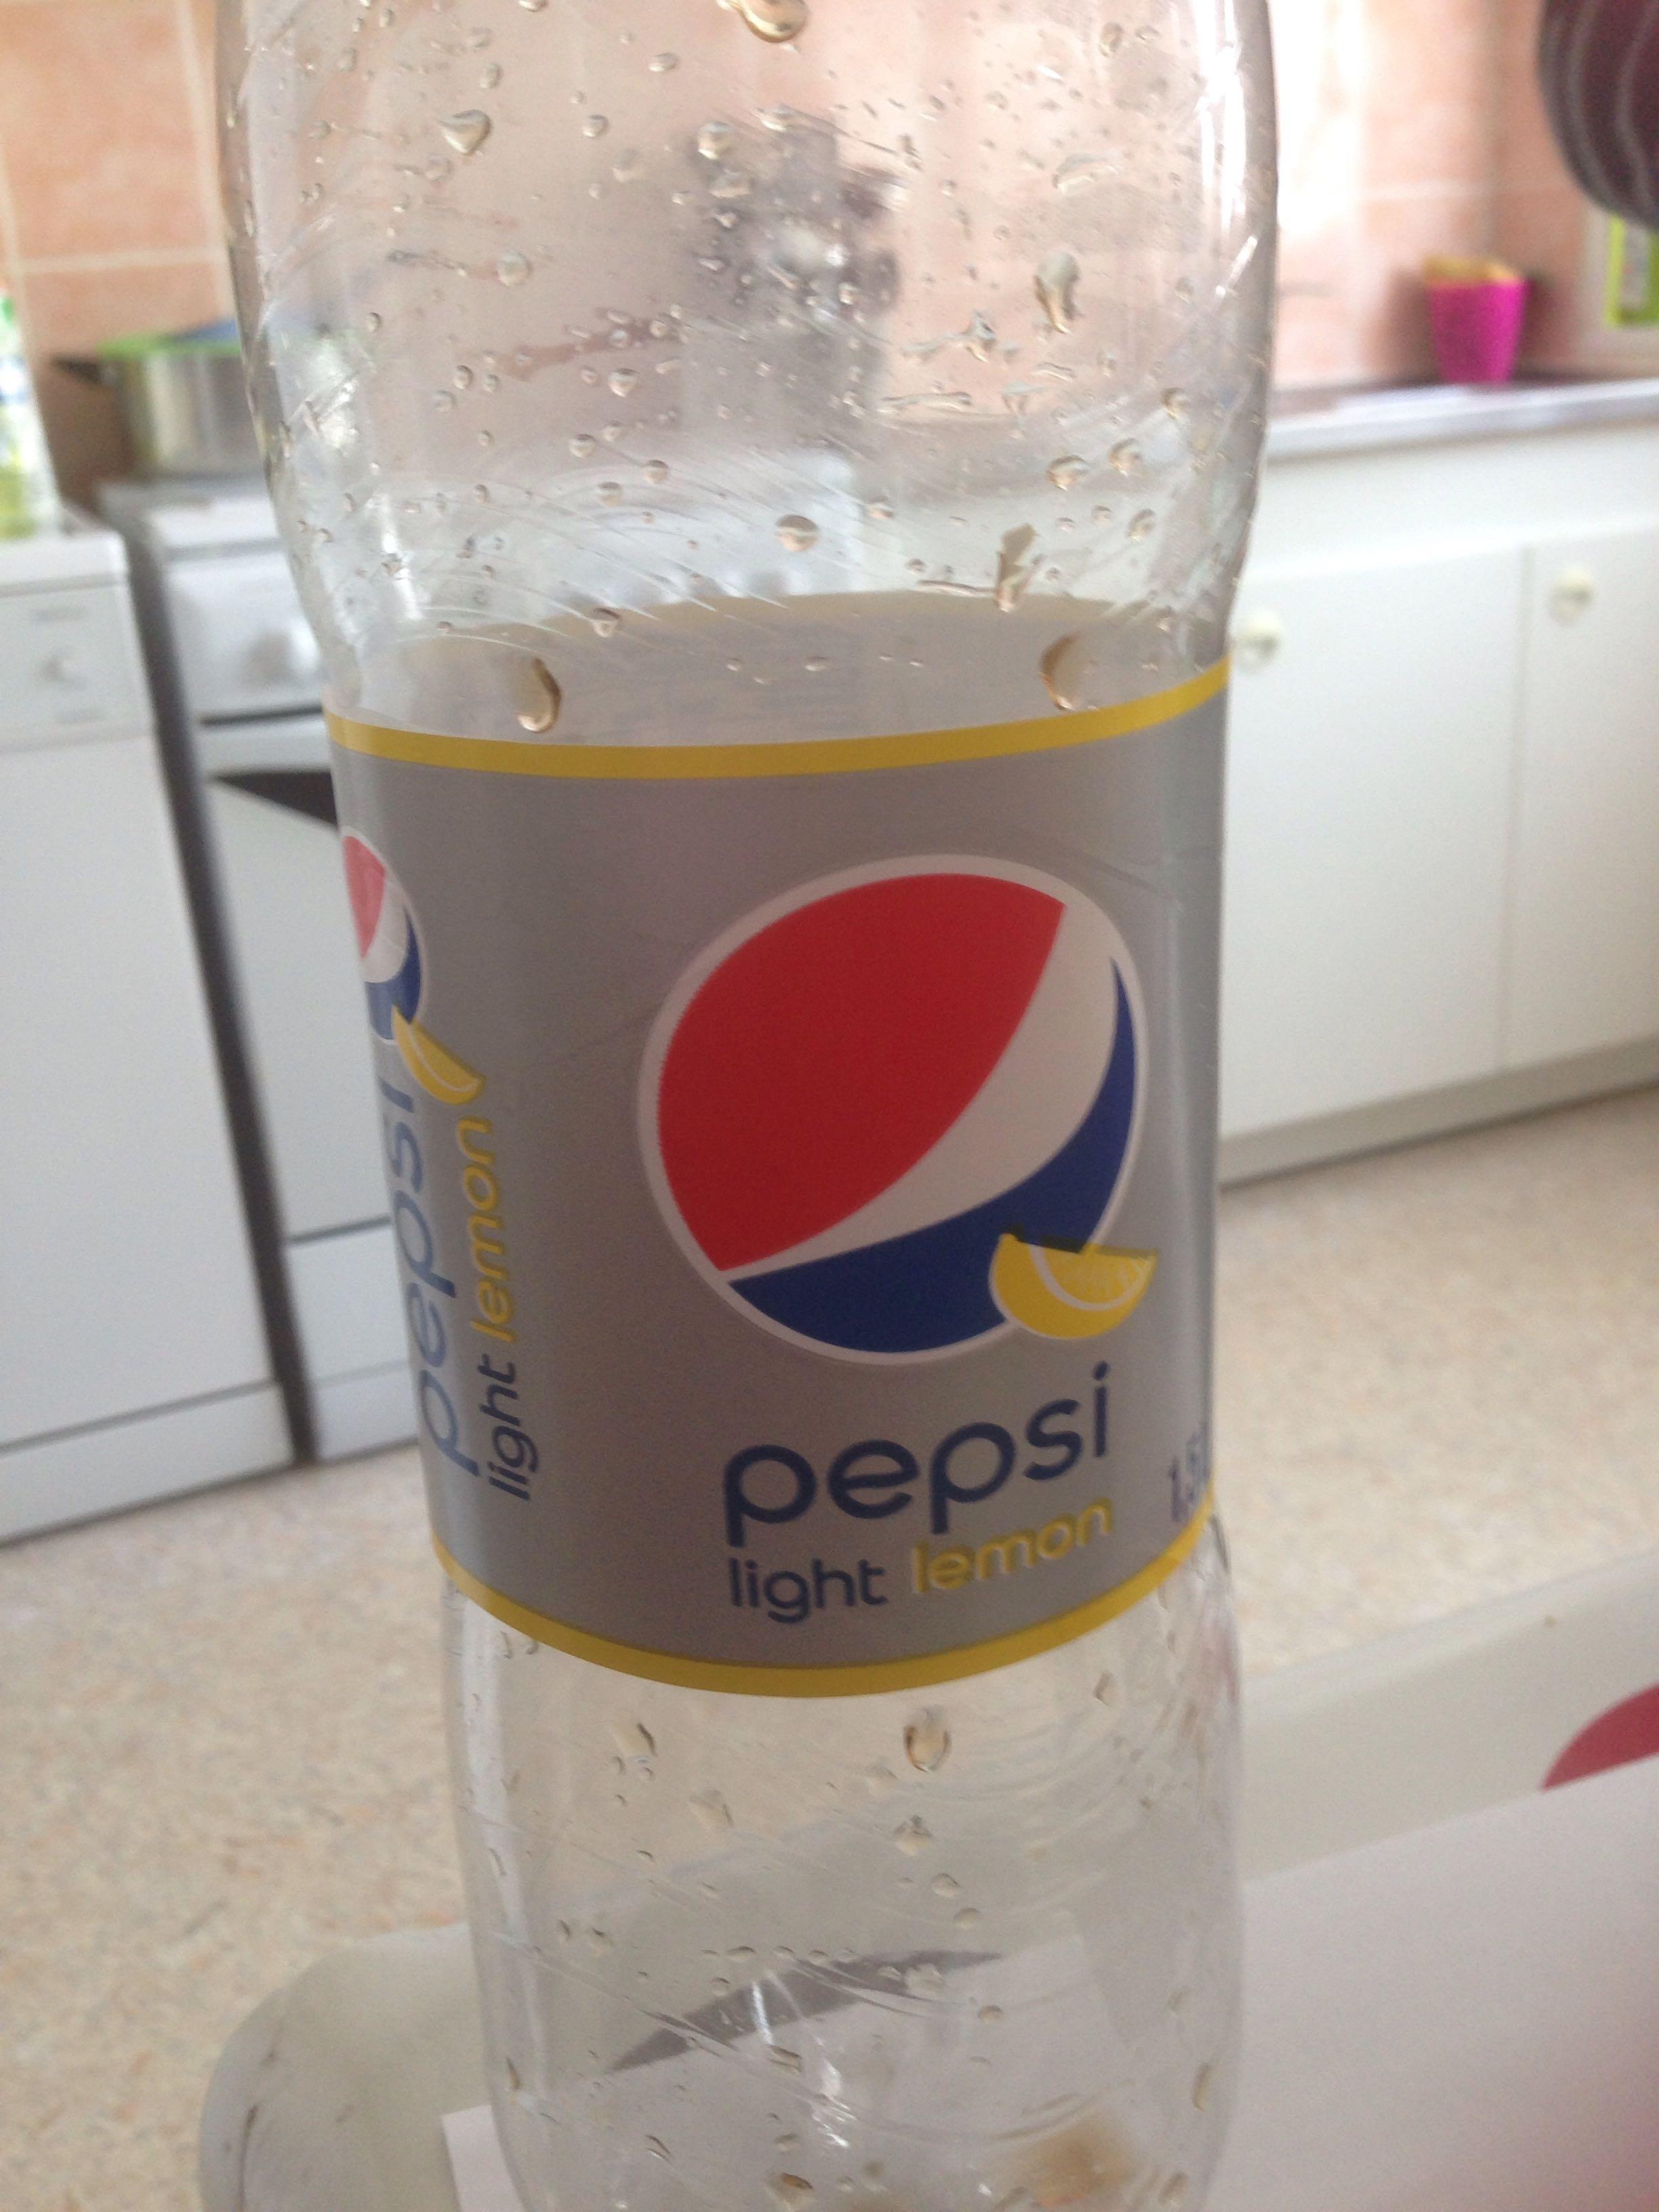 Pepsi light lemon - Product - fr